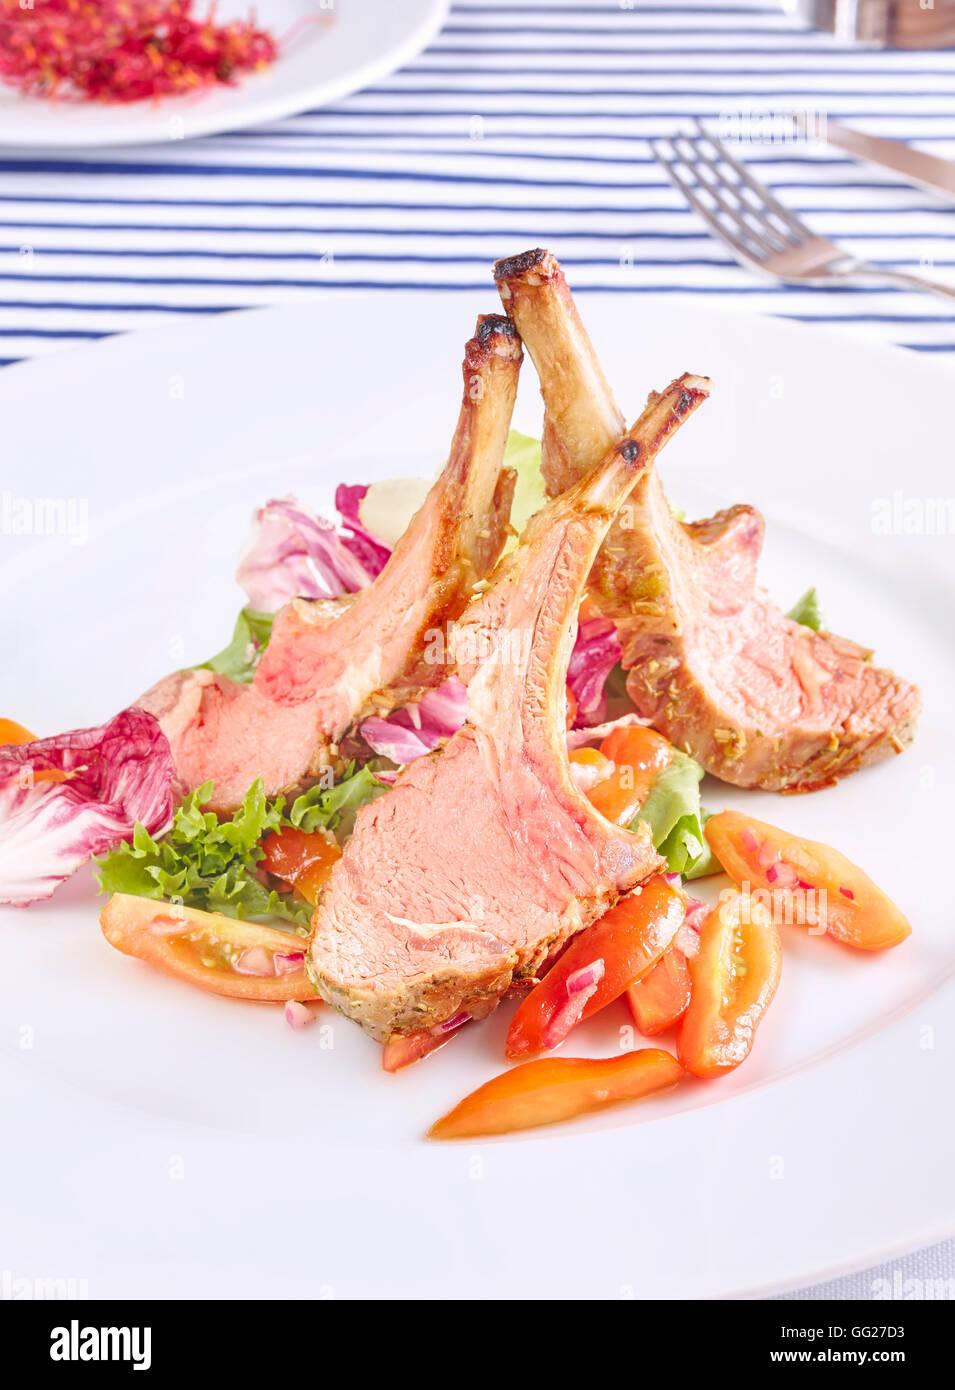 L'agneau rôti côtelettes avec de la salade et des tomates. Photo Stock